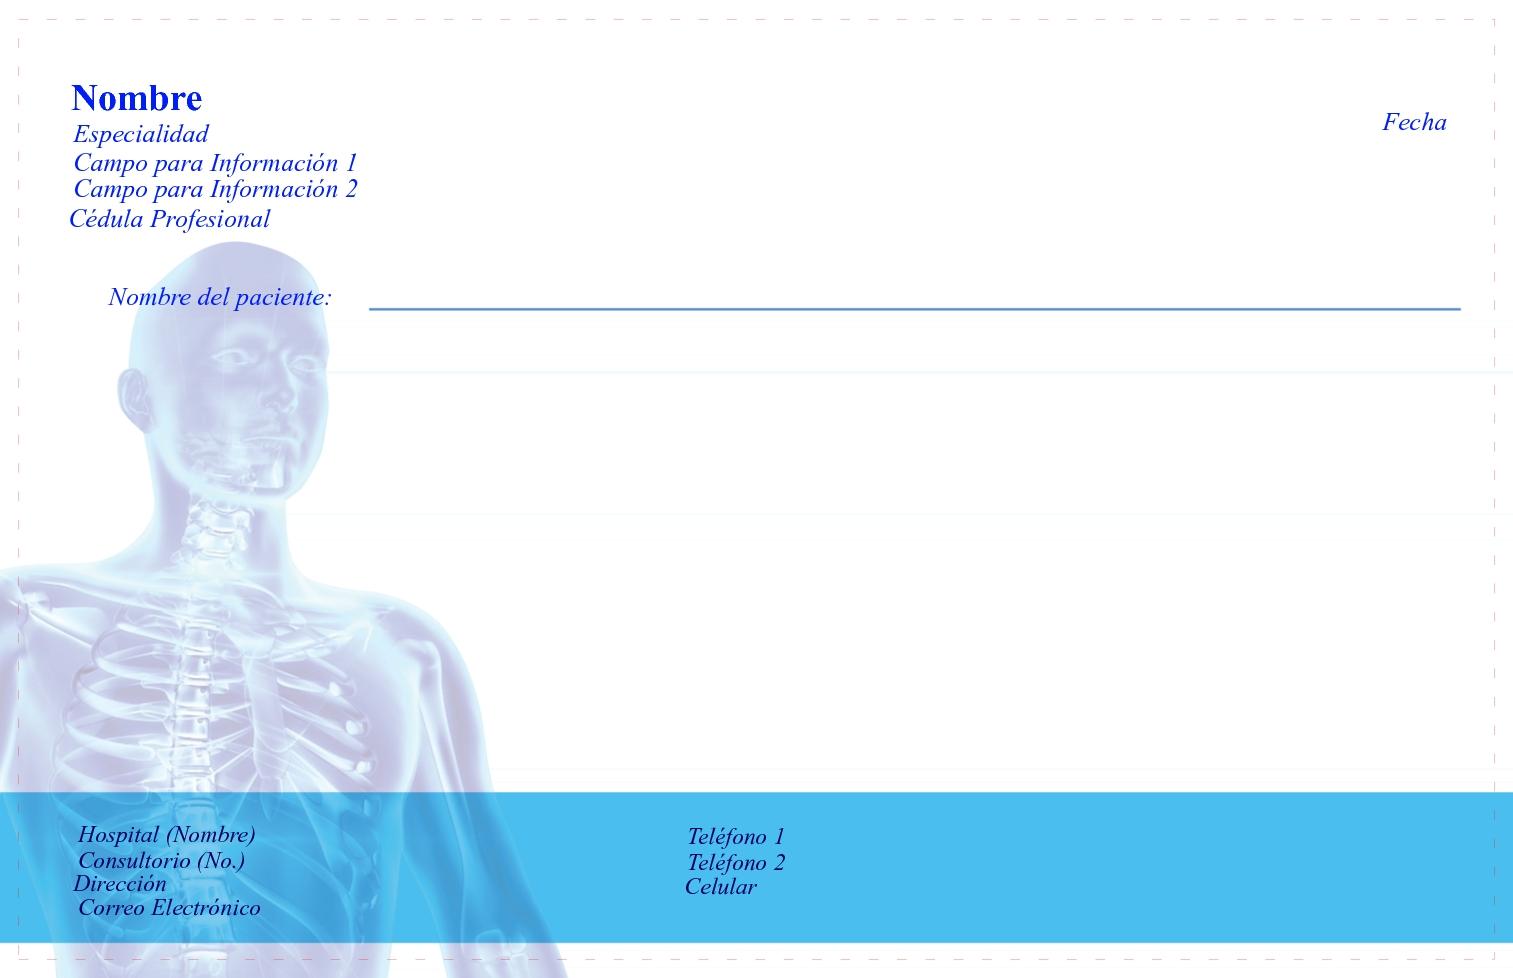 descargar receta medica del imss editable keywordtowncom pdf free download